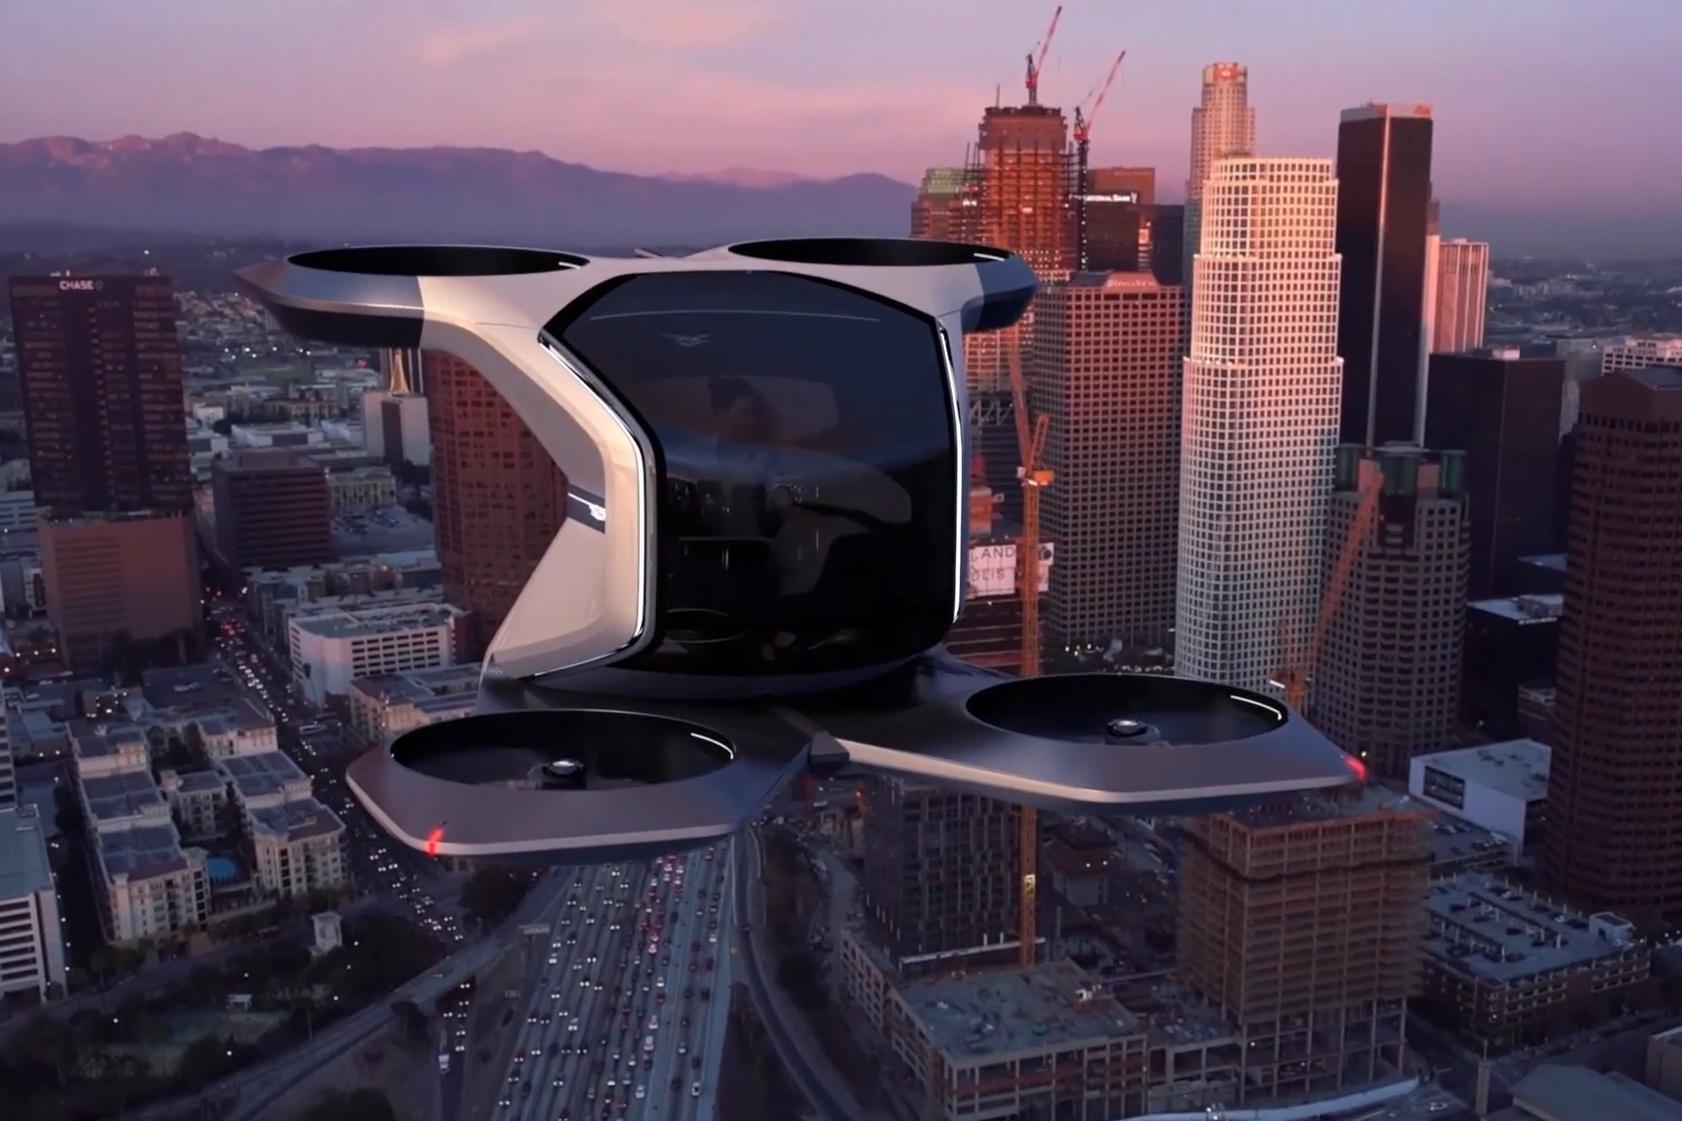 凯迪拉克VTOL垂直起降飞行器